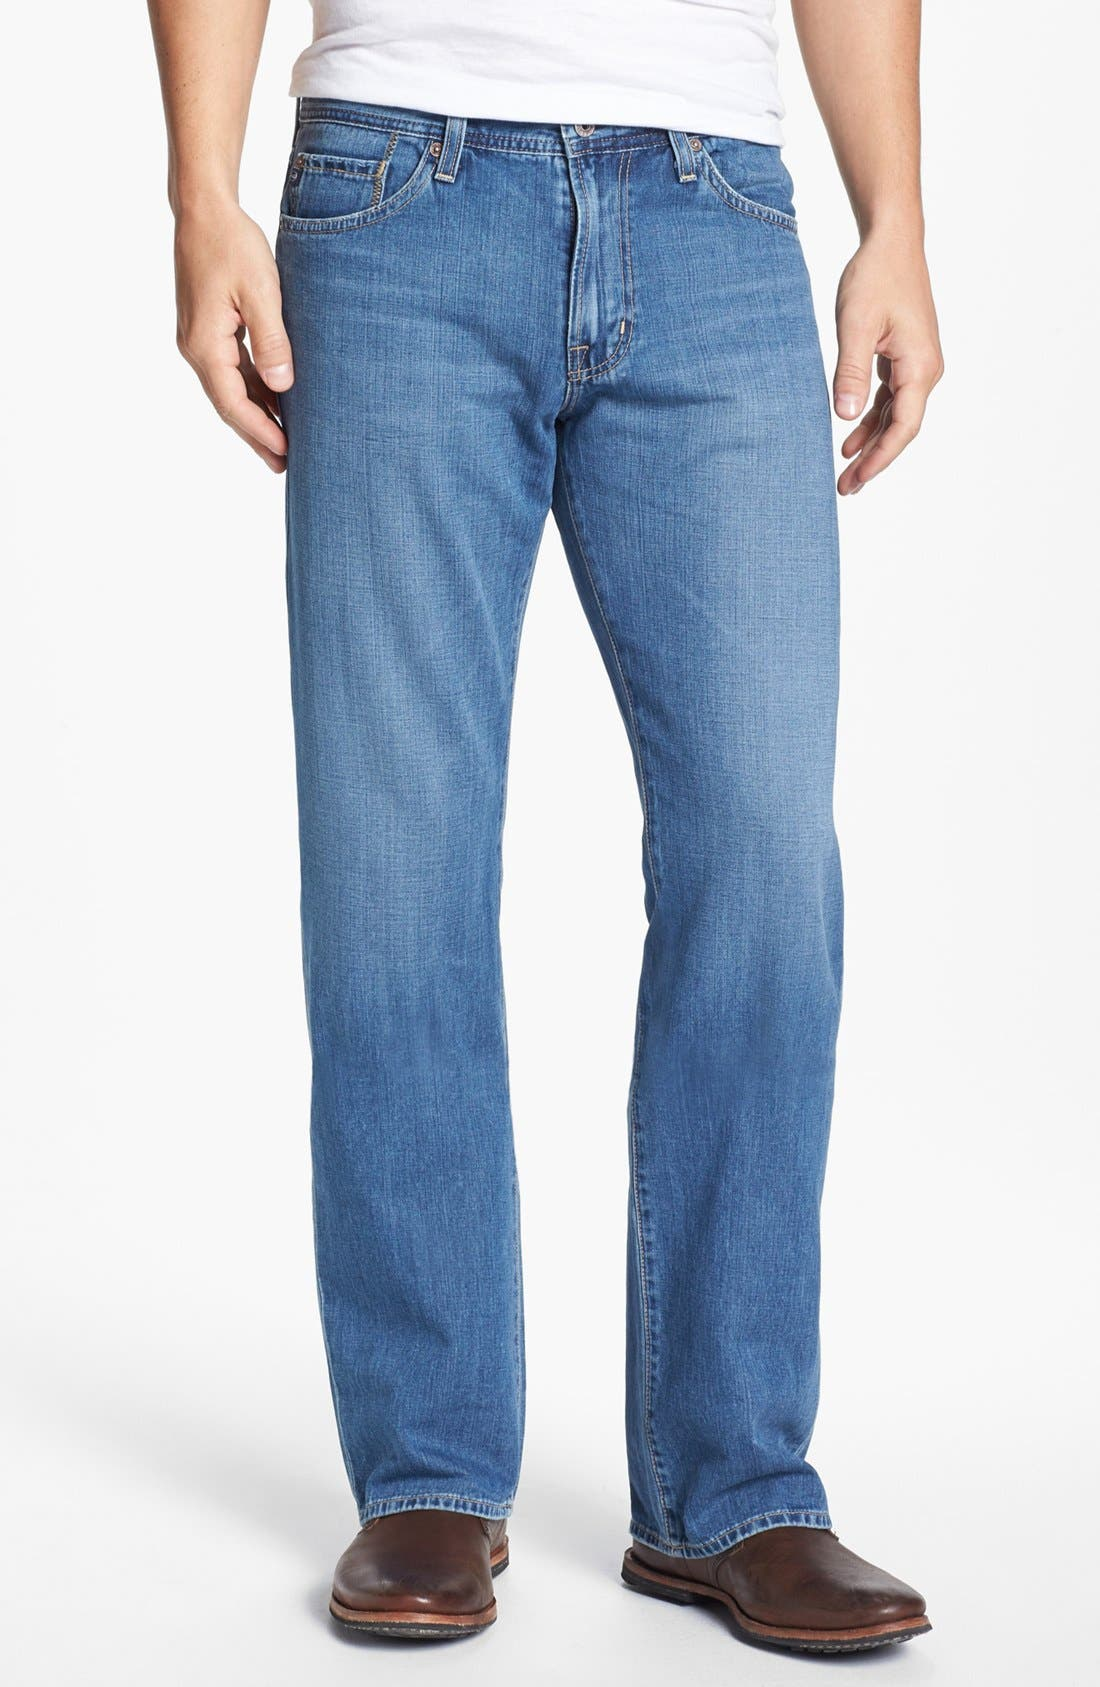 Alternate Image 1 Selected - AG Jeans 'Hero' Relaxed Leg Jeans (Degree)